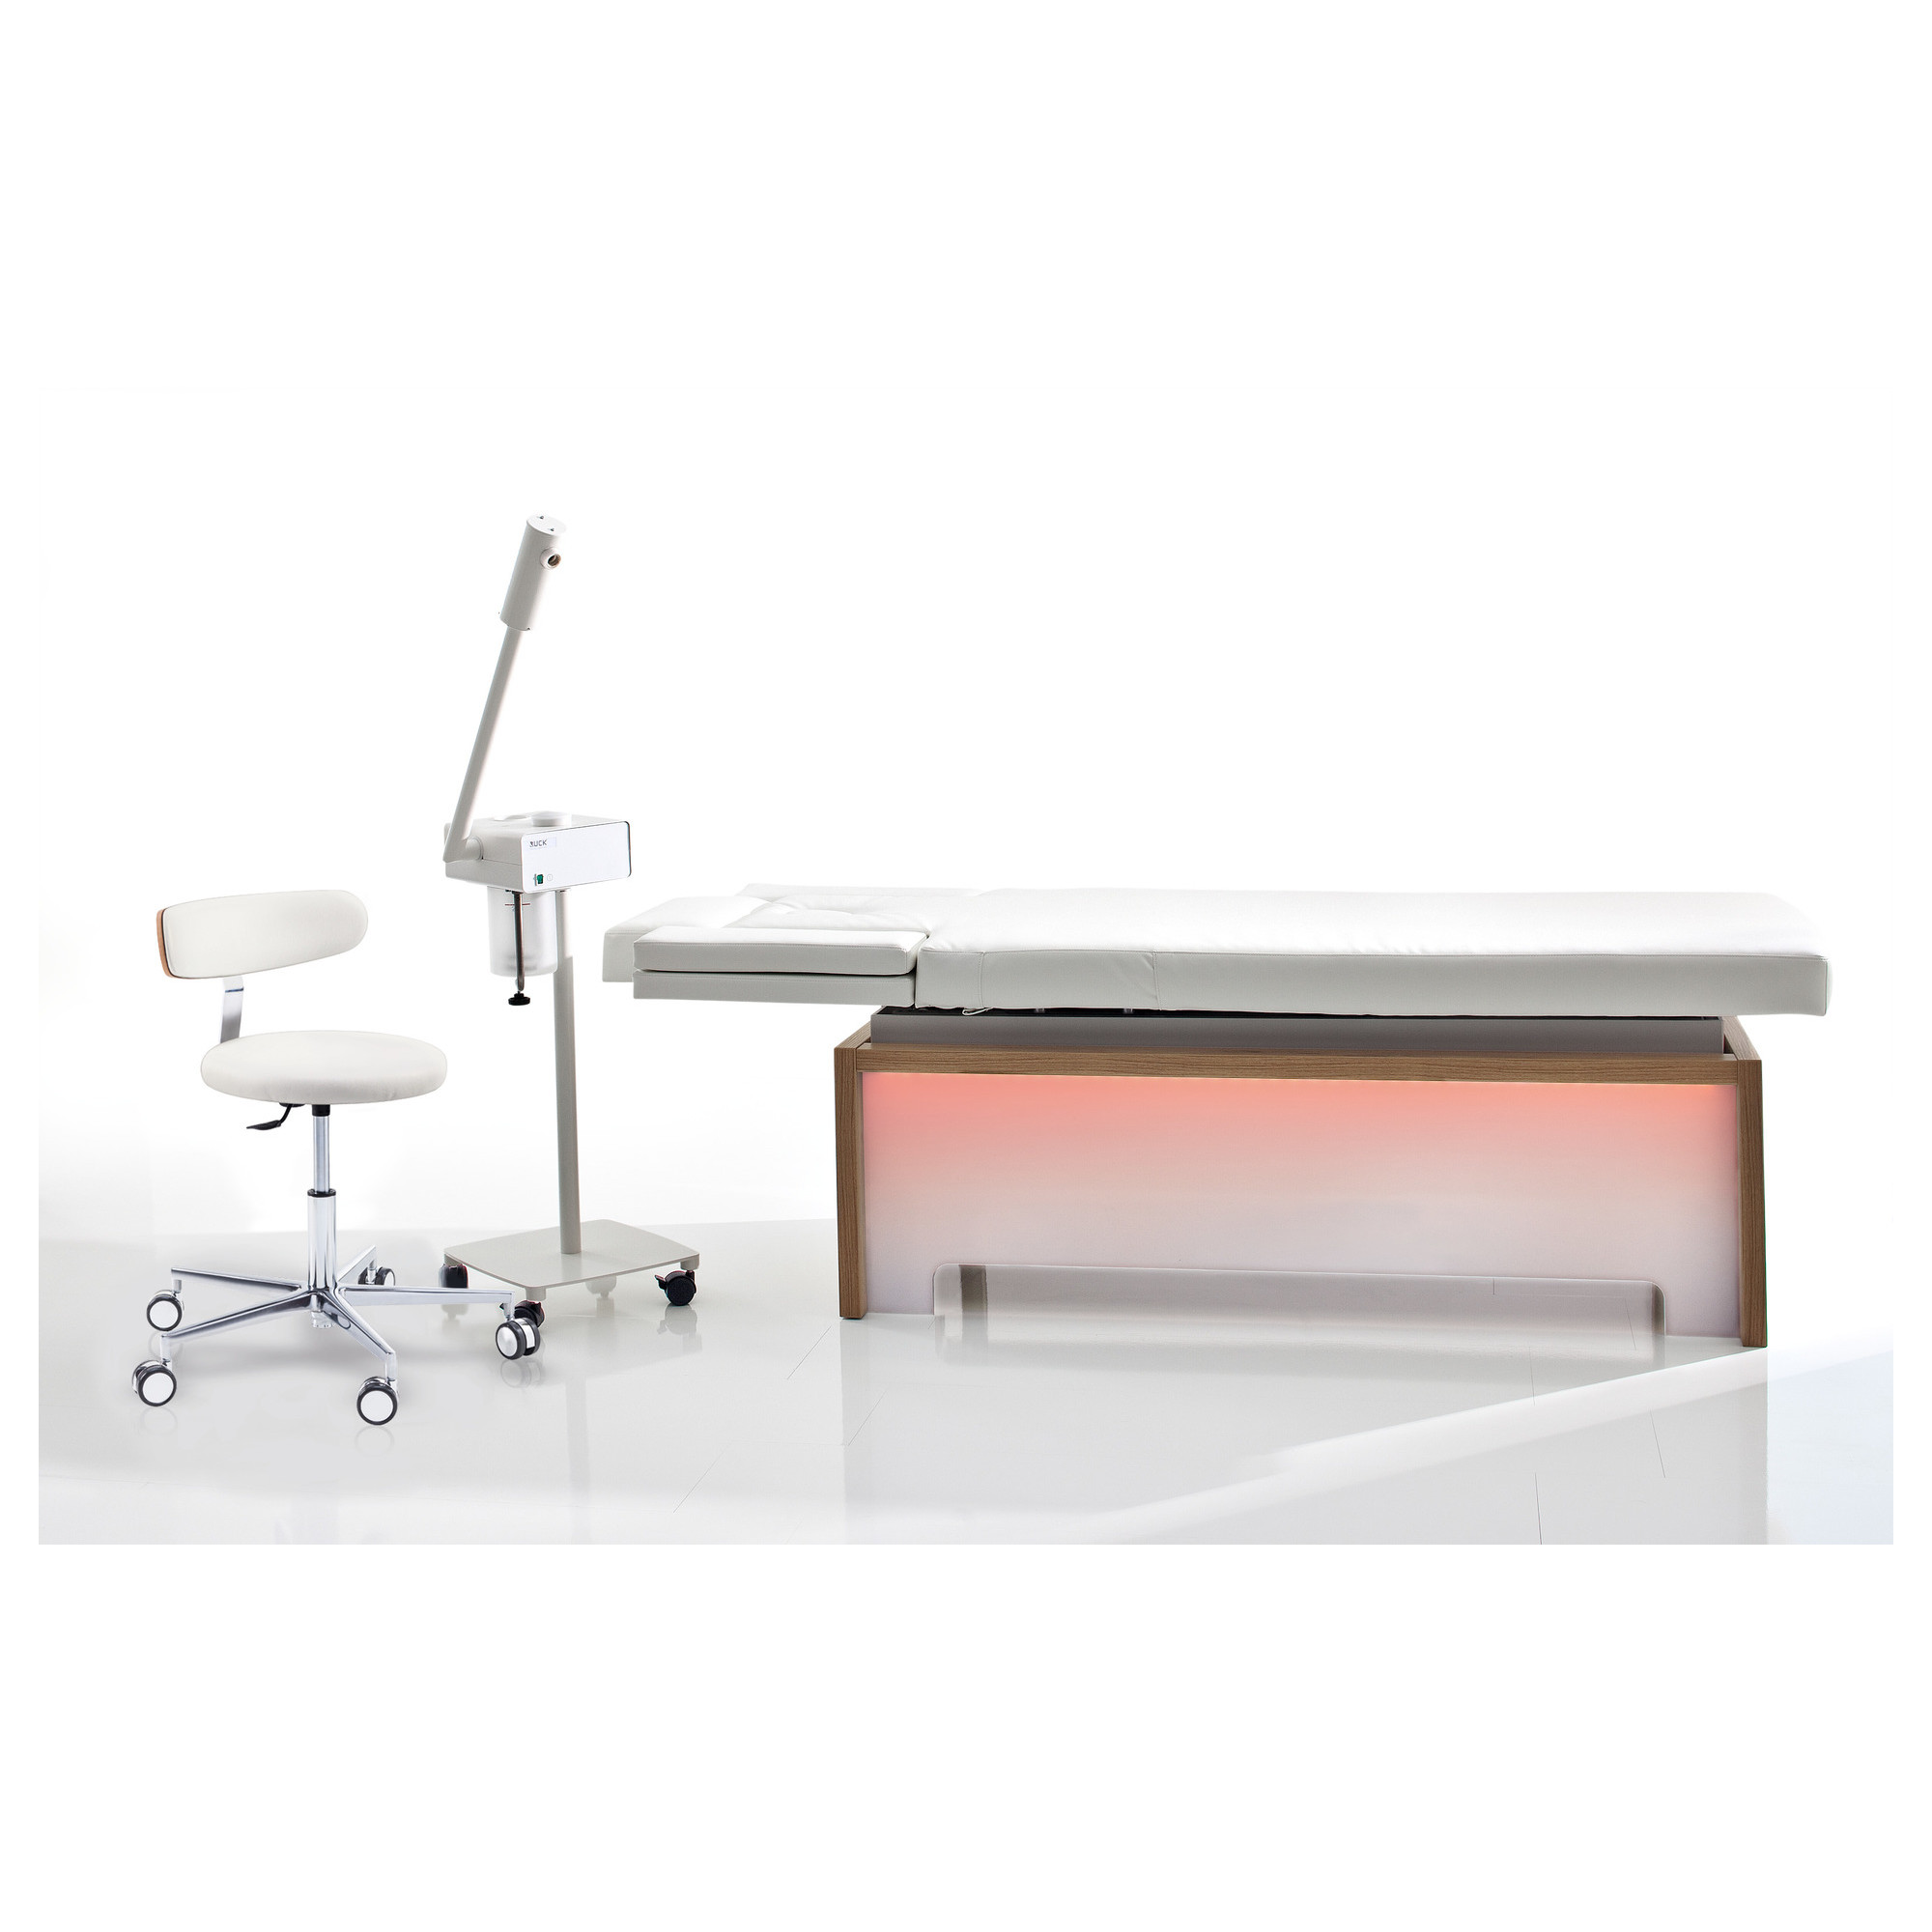 Gamme complète - Table de soins SONORA sans chauffage + siège ROUND + Vaporisateur - Ruck